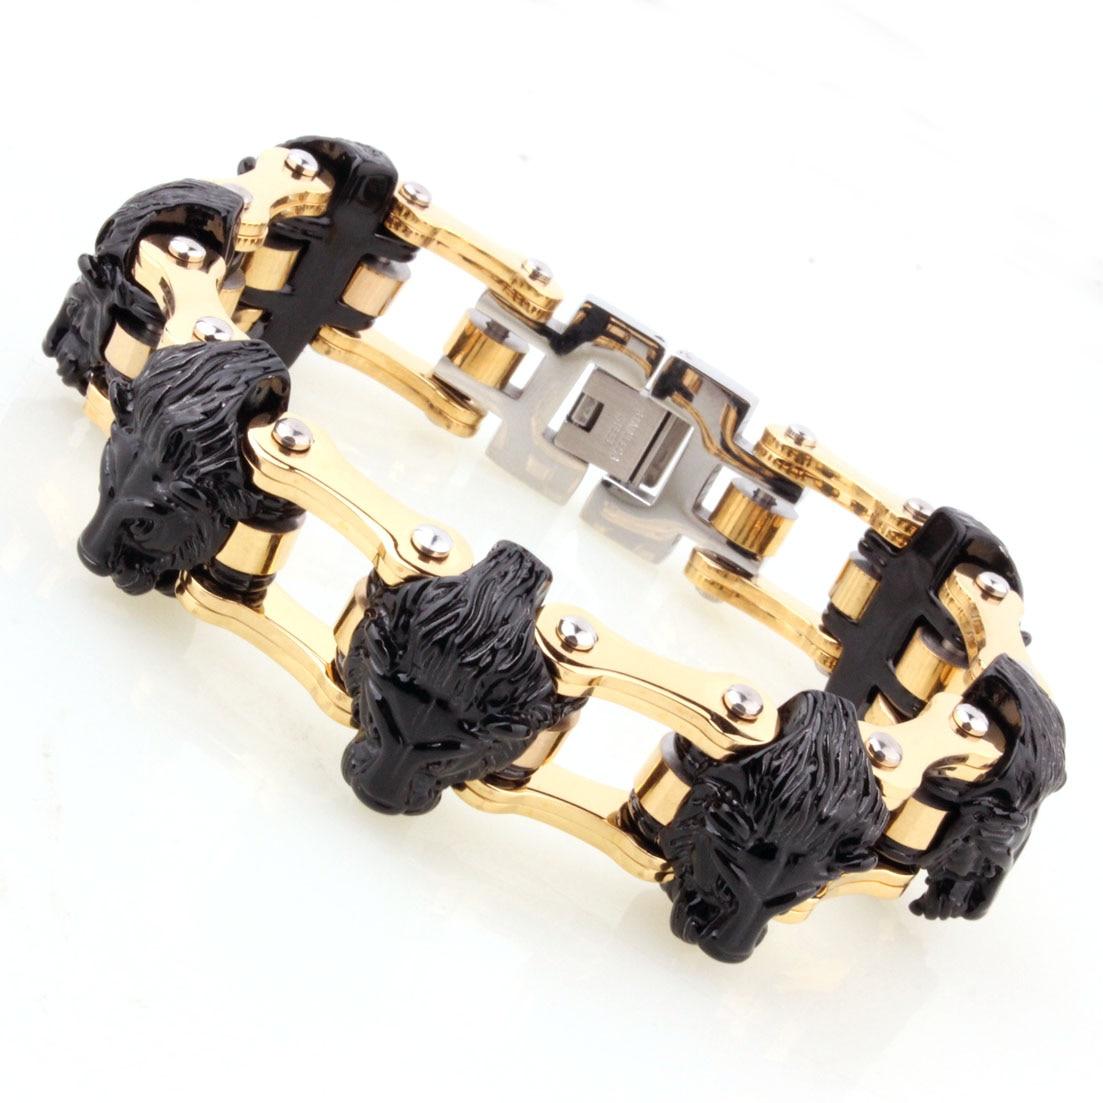 Alta calidad negro y oro León Motor bicicleta cadena motocicleta cadena pulsera 316L Acero inoxidable joyería